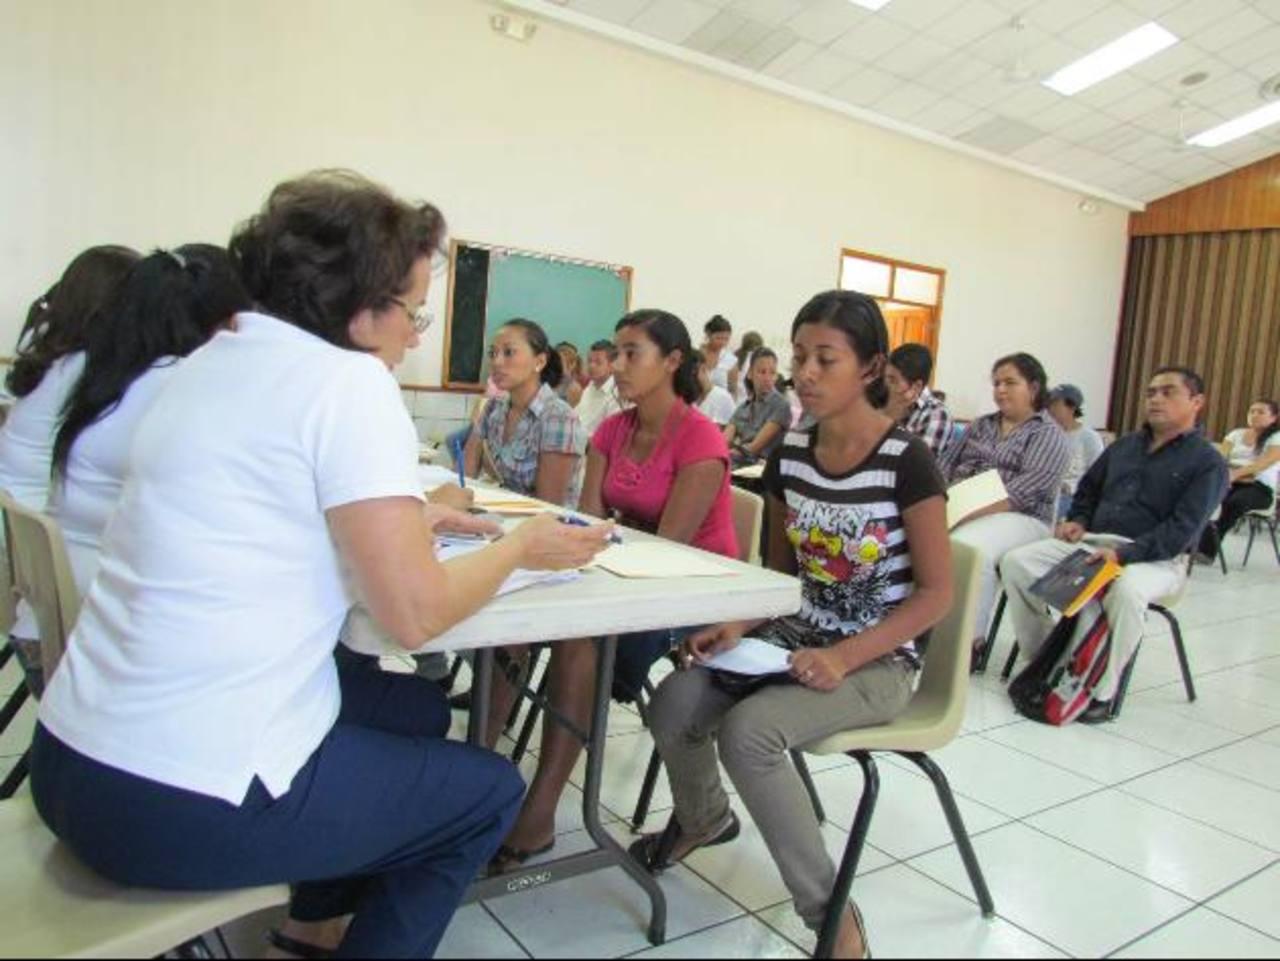 Jóvenes santanecos piden oportunidades de empleo y afirman que por la inexperiencia tienen pocas posibilidades de ser contratados. Foto EDH / Mauricio Guevara